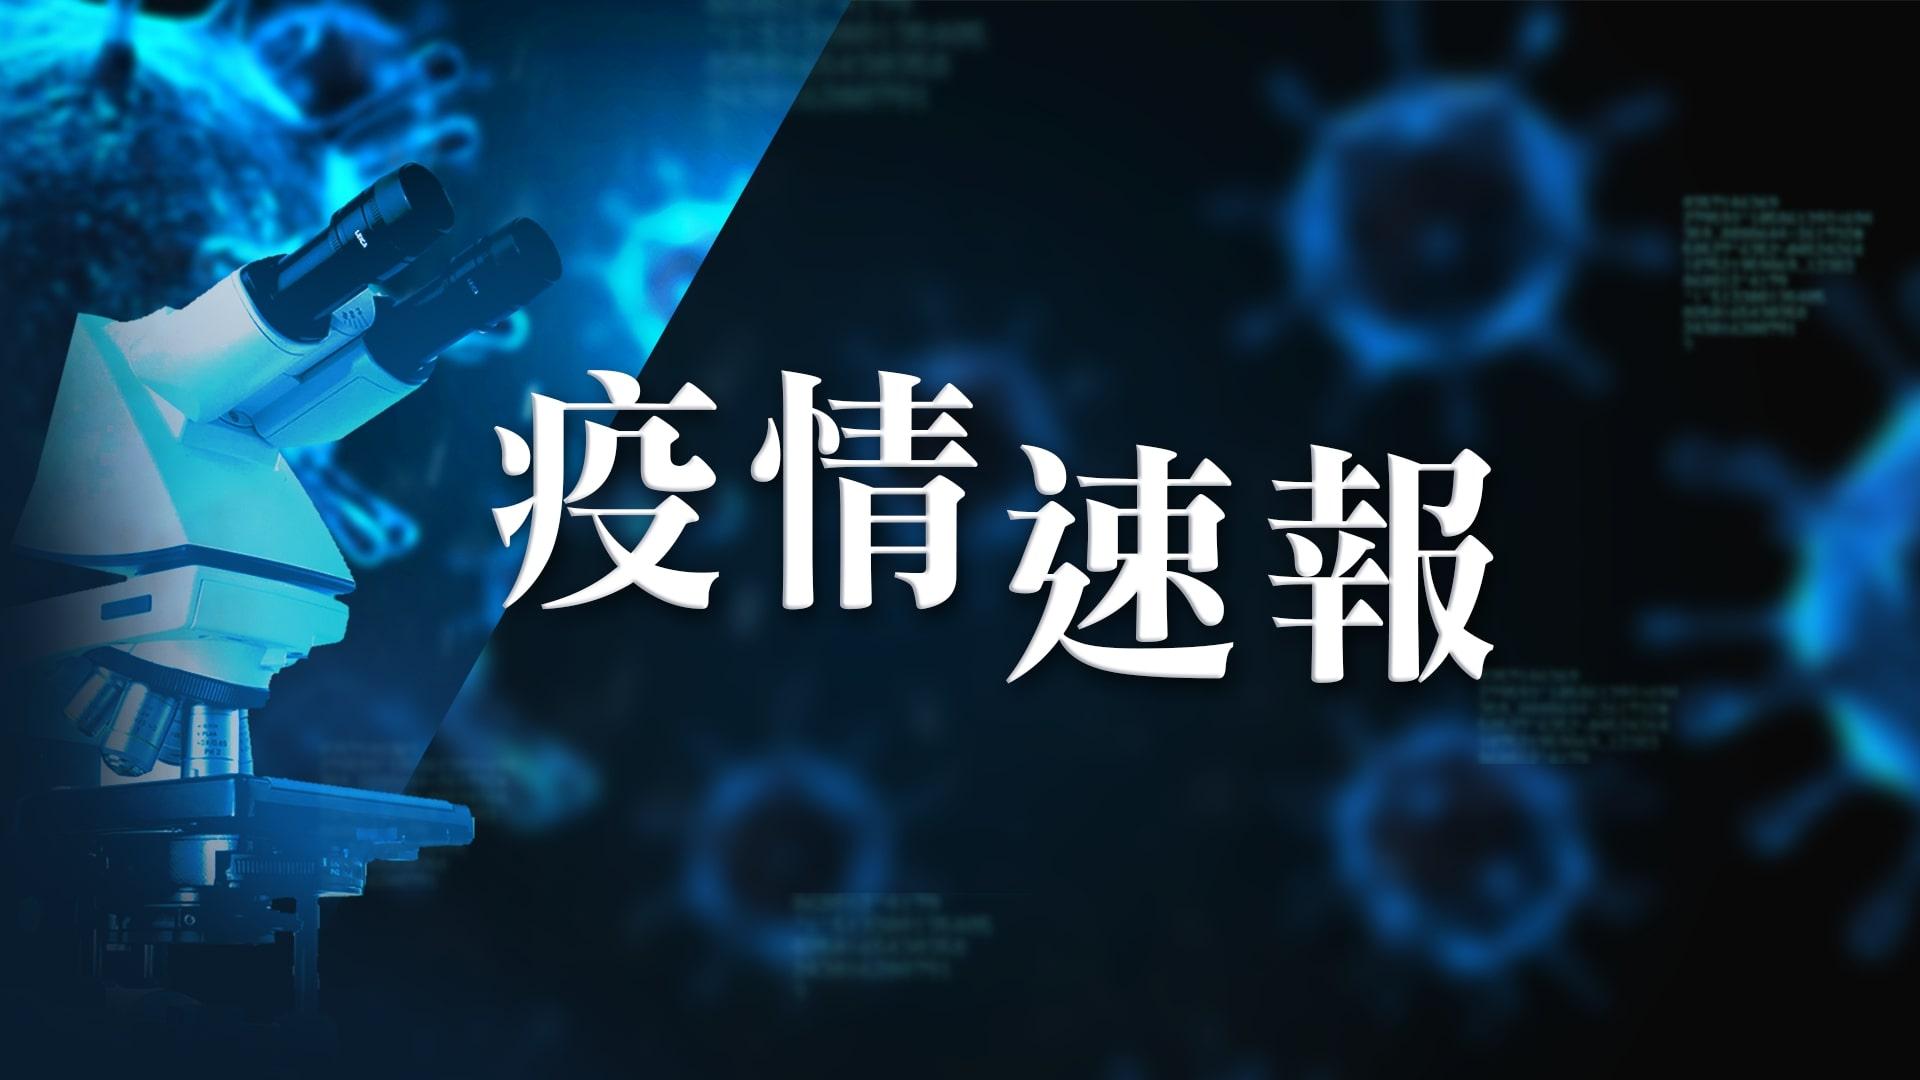 【11月22日疫情速報】(23:05)